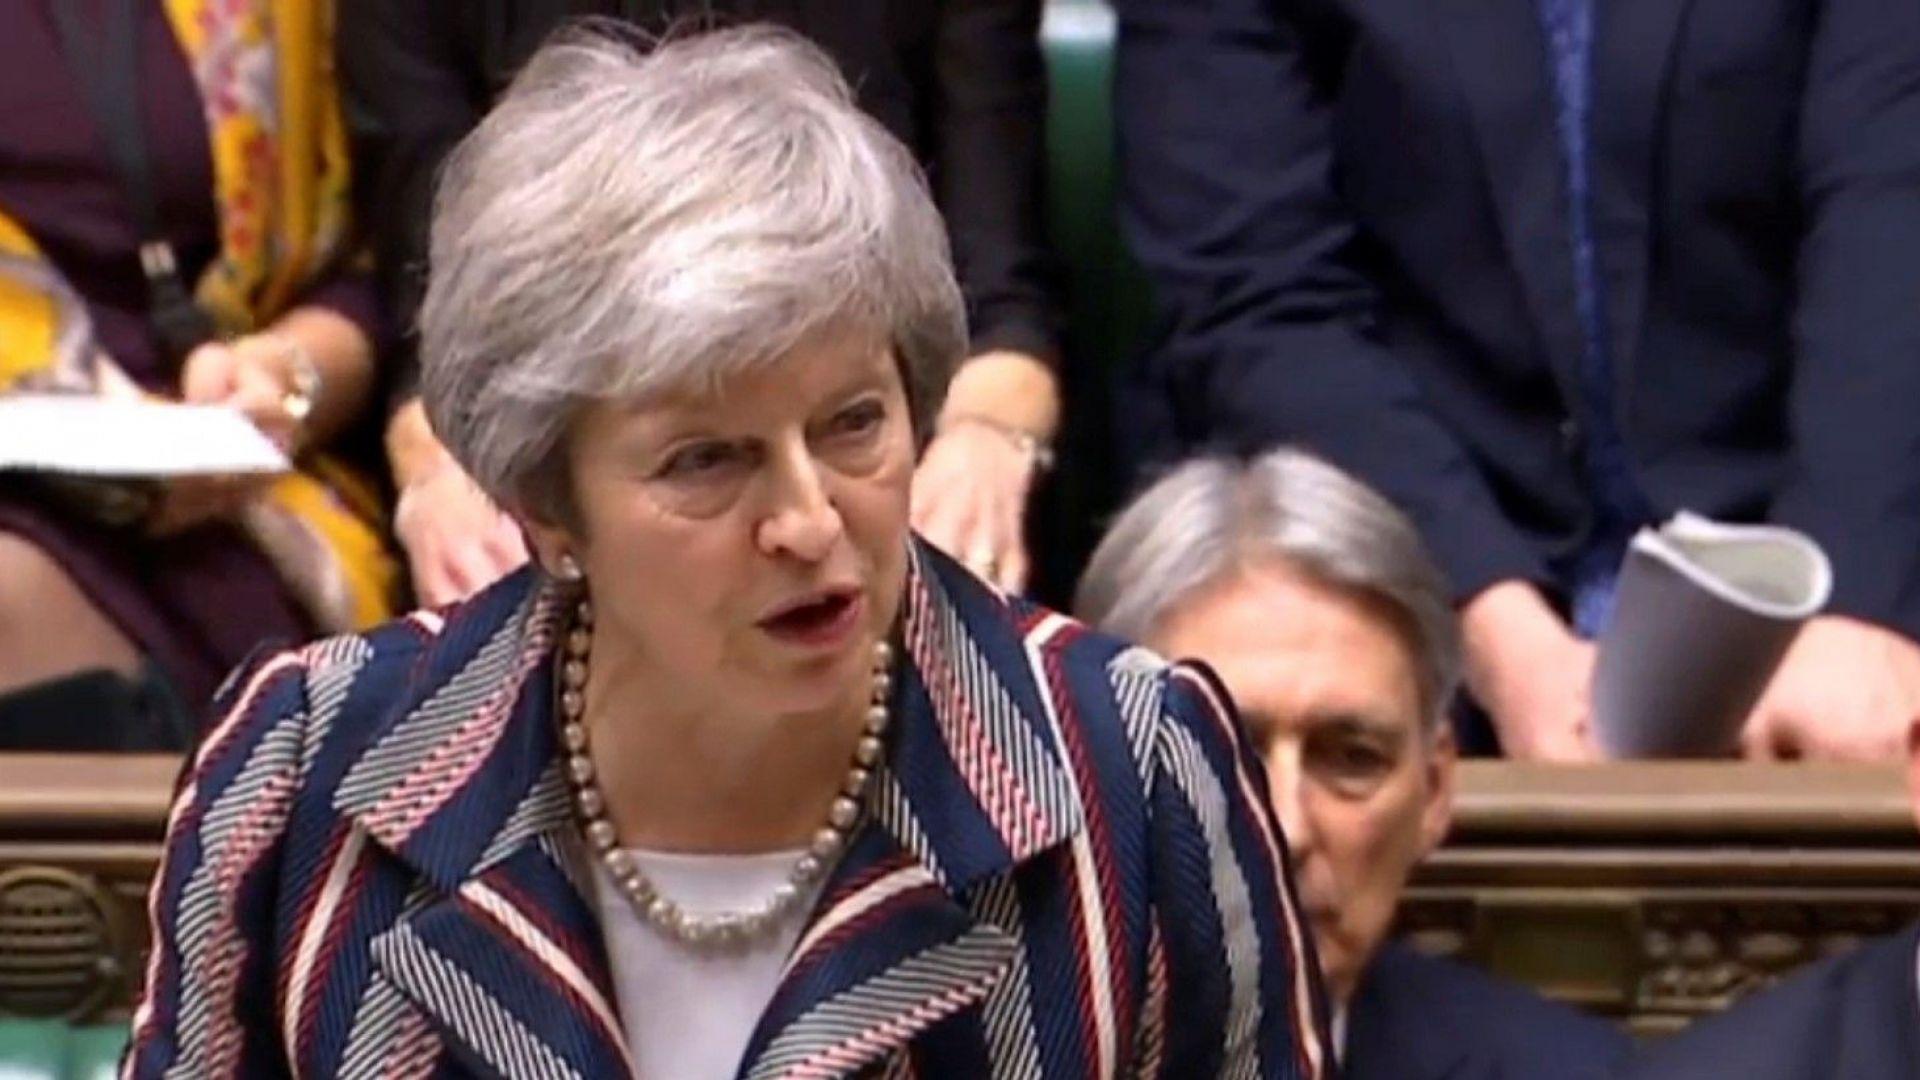 Британският парламент унижи Тереза Мей - какви са сценариите преди решаващото гласуване